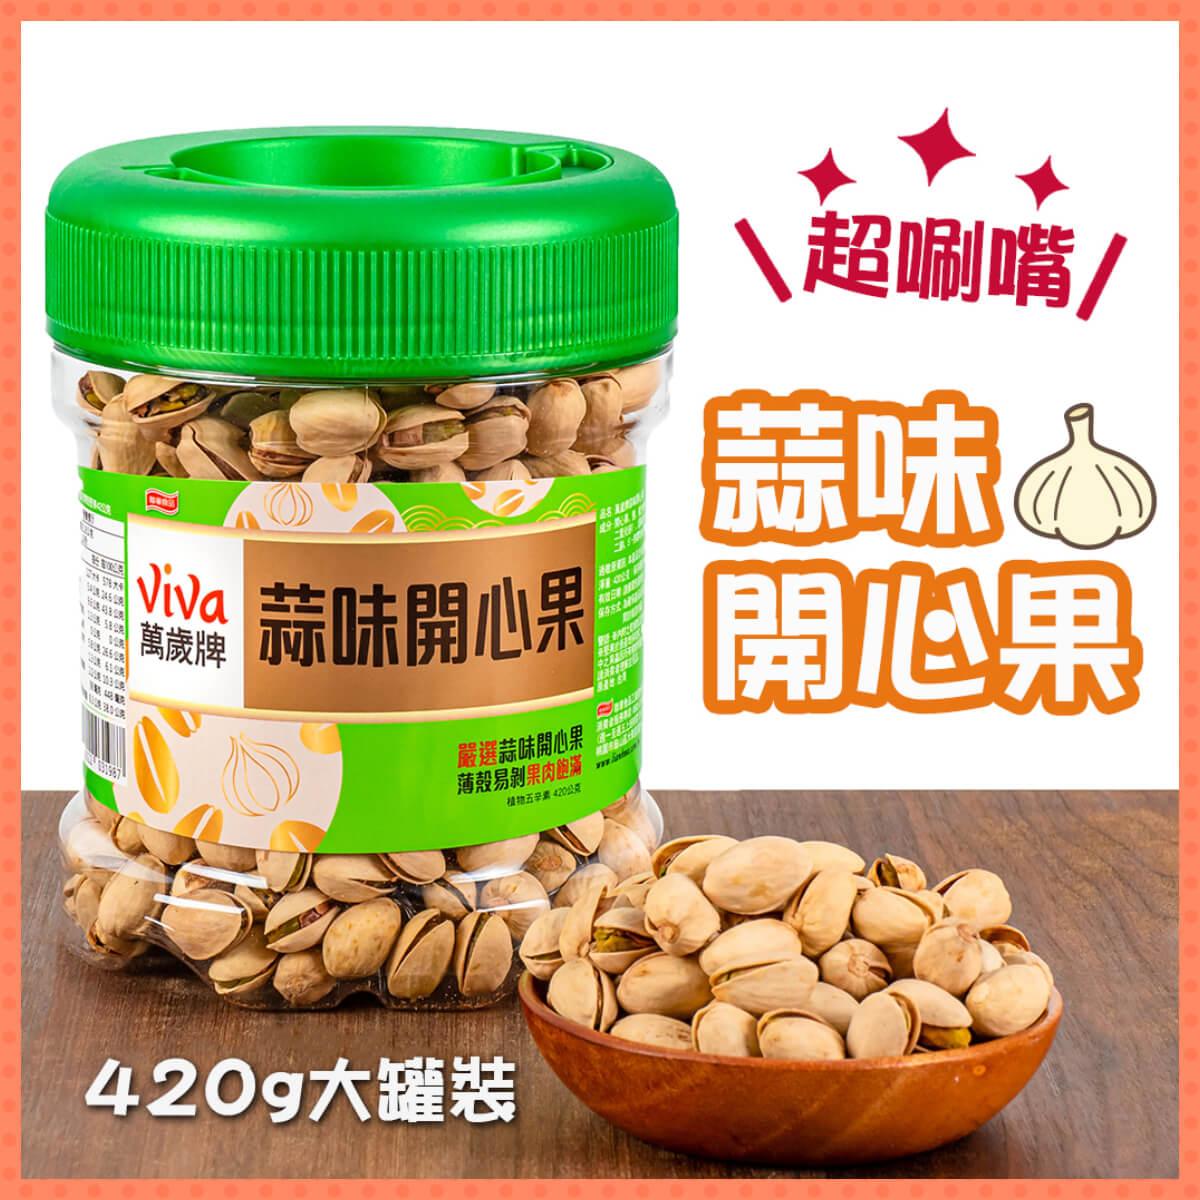 【萬歲牌】蒜味開心果(420g大罐裝)